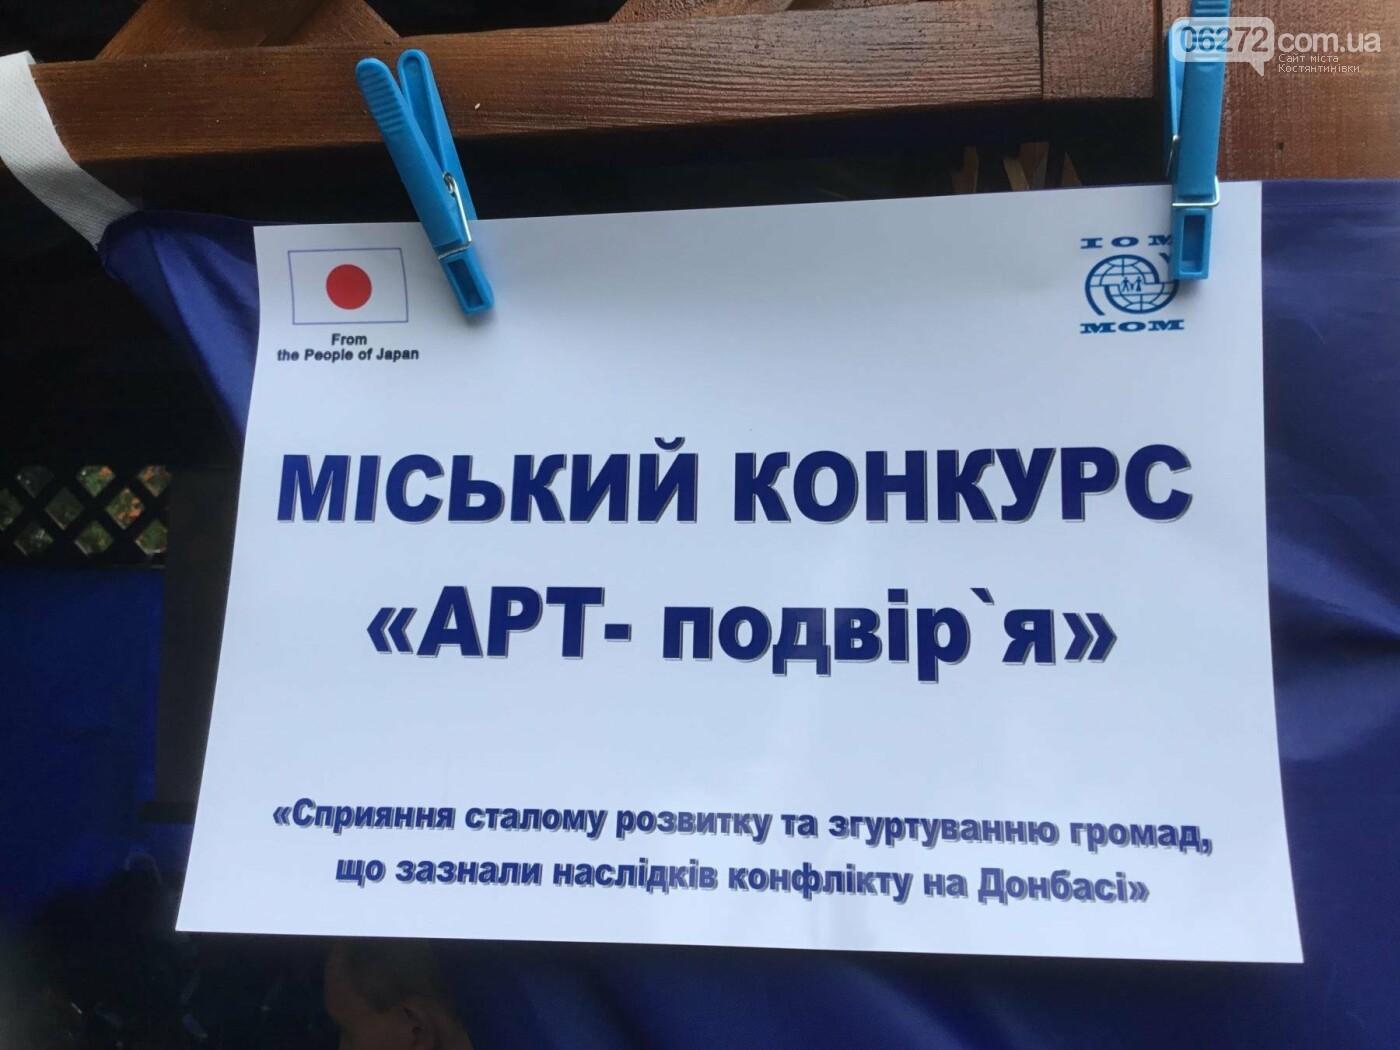 Вчора у Костянтинівці провели міський конкурс «Арт-подвір'я», фото-5